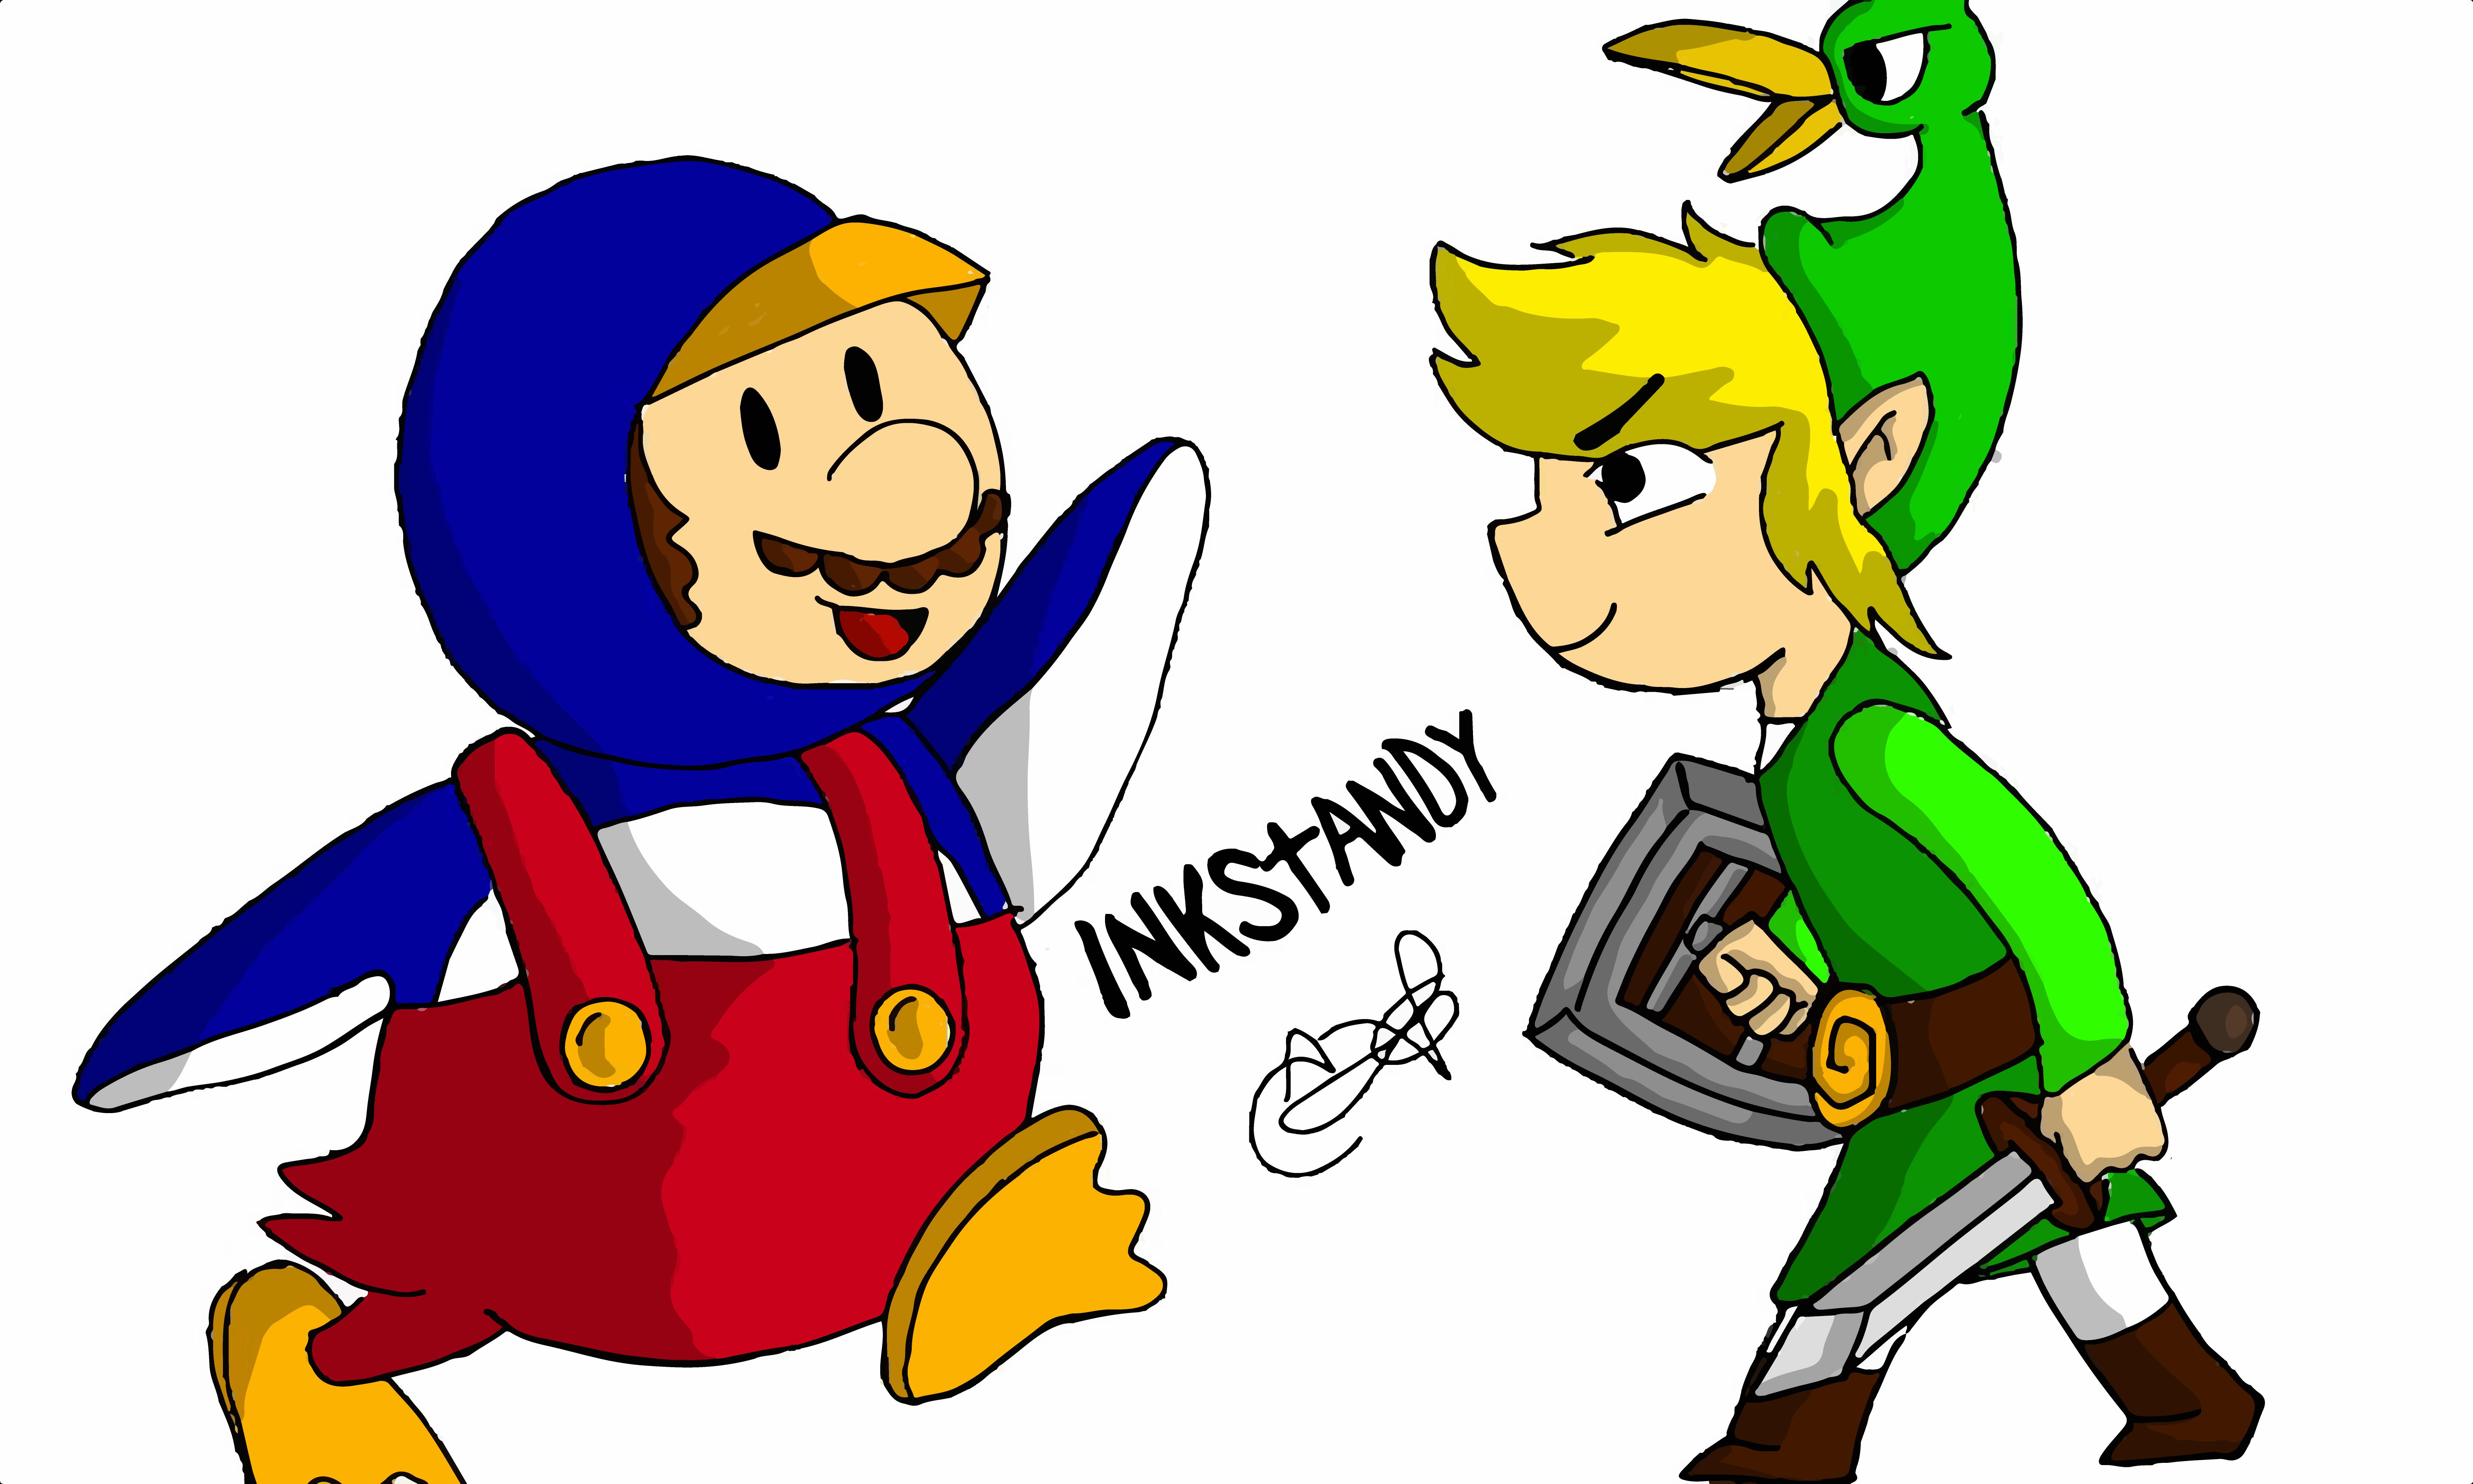 Penguin Mario VS Toon Link by Inkstandy